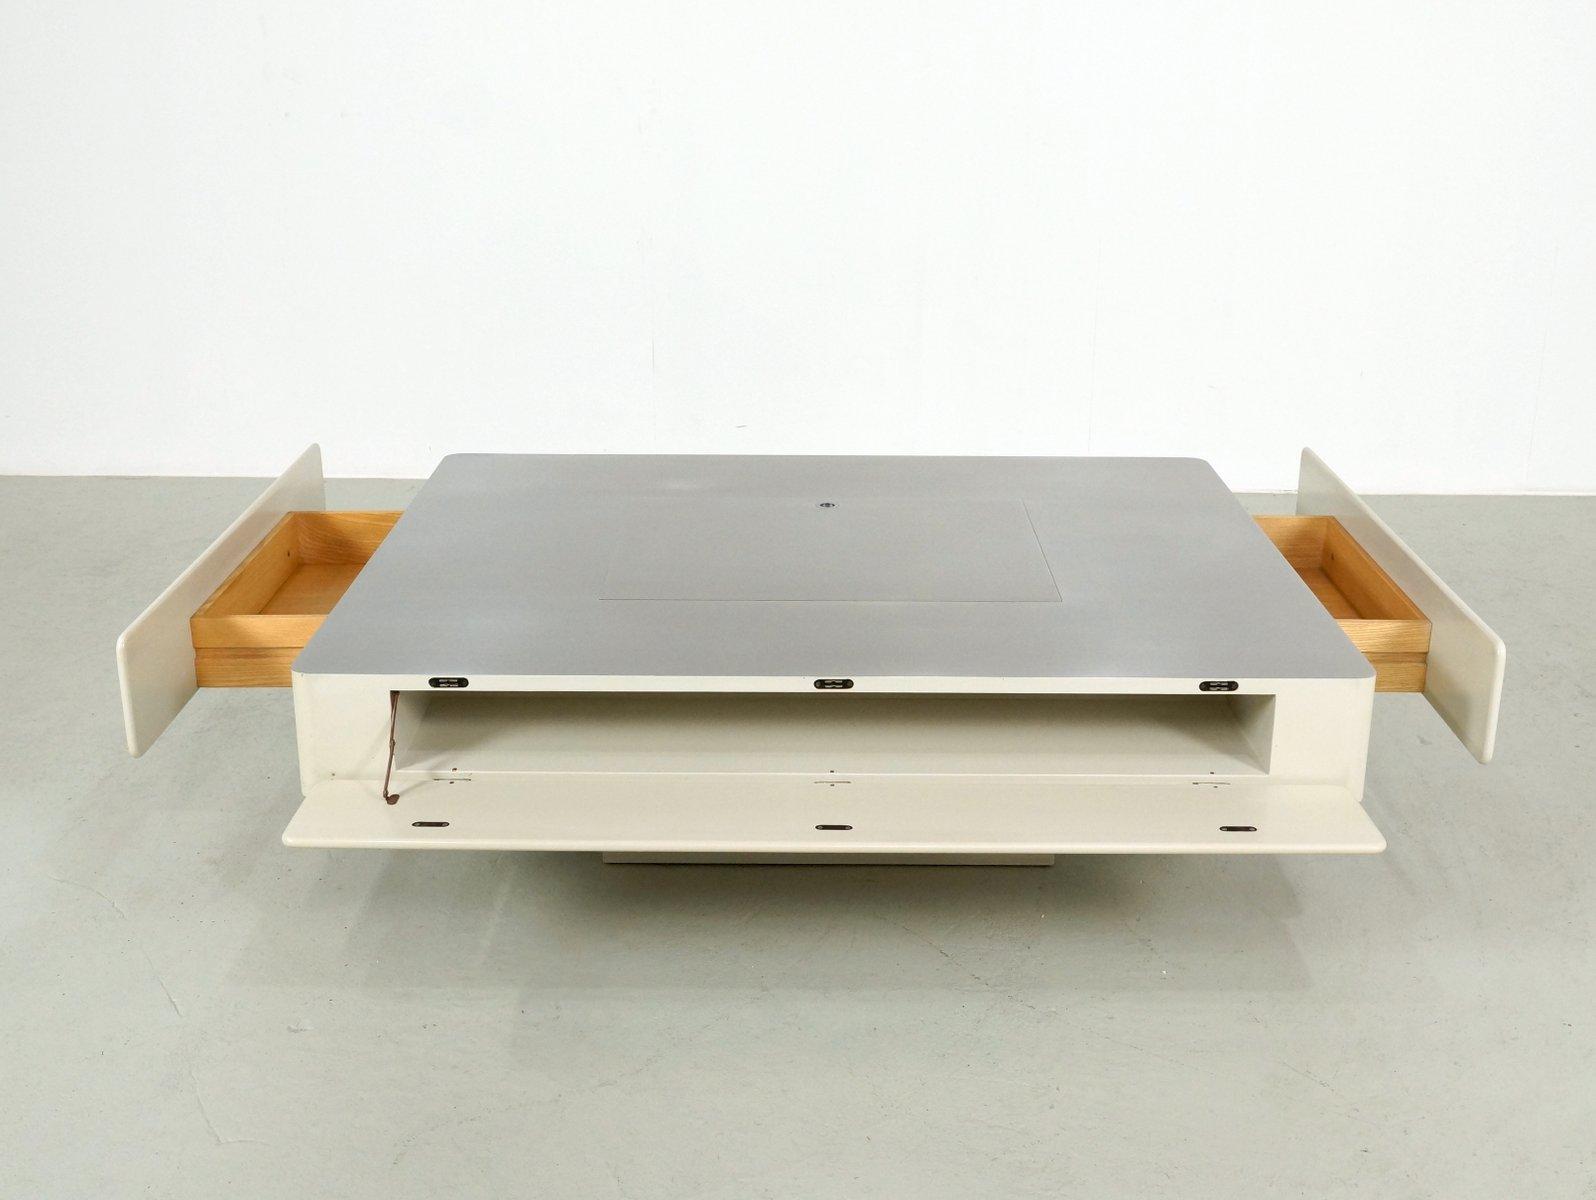 cremefarbener caori couchtisch mit aufbewahrung f r schallplatten von vico magistretti f r. Black Bedroom Furniture Sets. Home Design Ideas